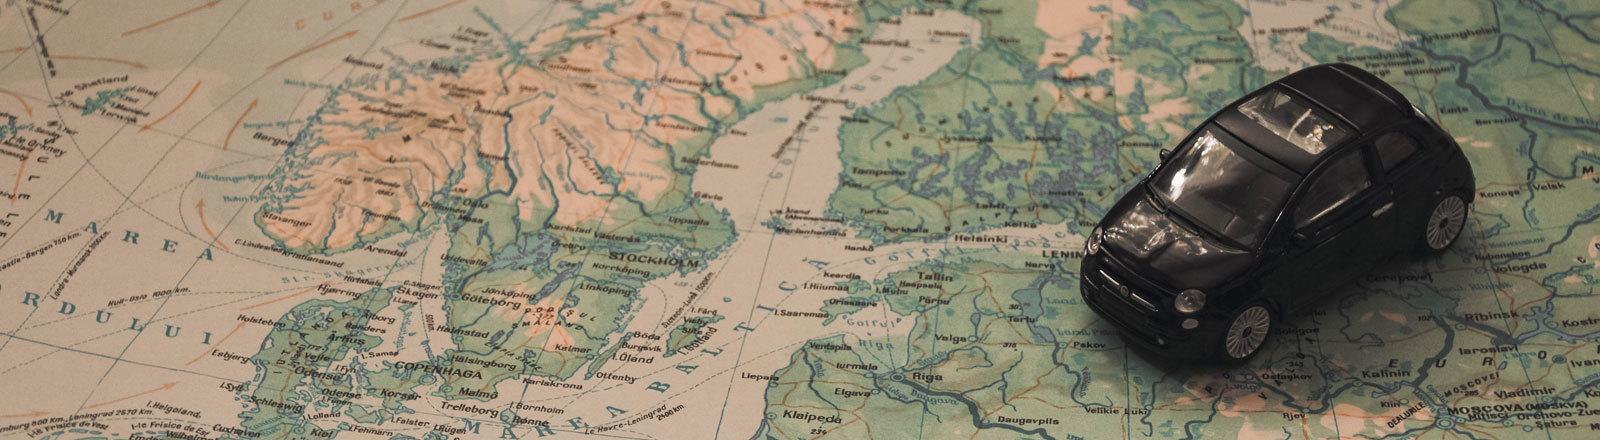 Europakarte auf der ein Spielauto steht.